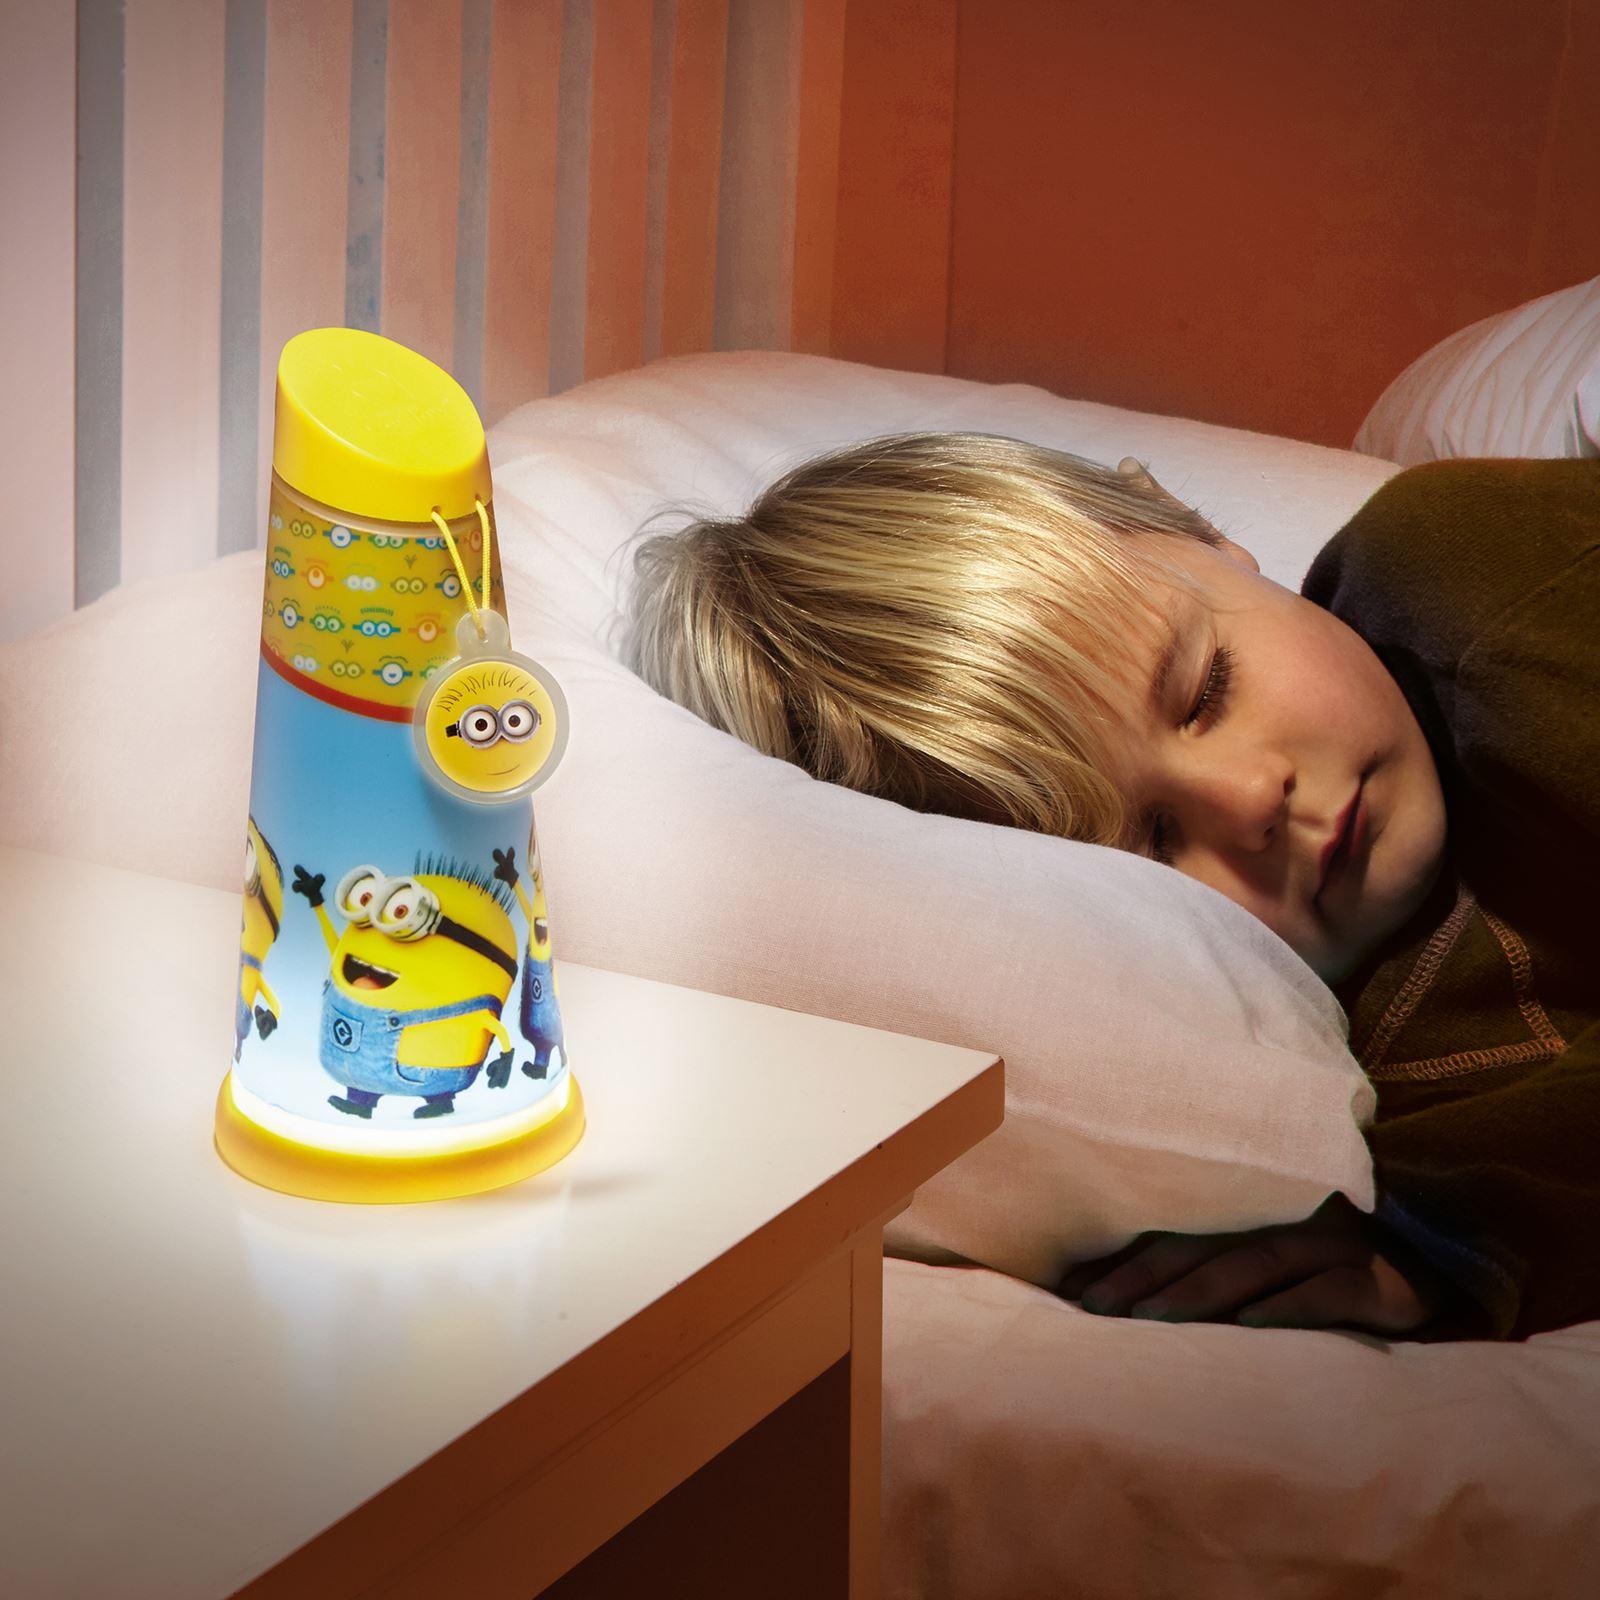 Indexbild 10 - Go Glow Nacht Beam Kipp Torch Beleuchtung Licht Kinder Schlafzimmer